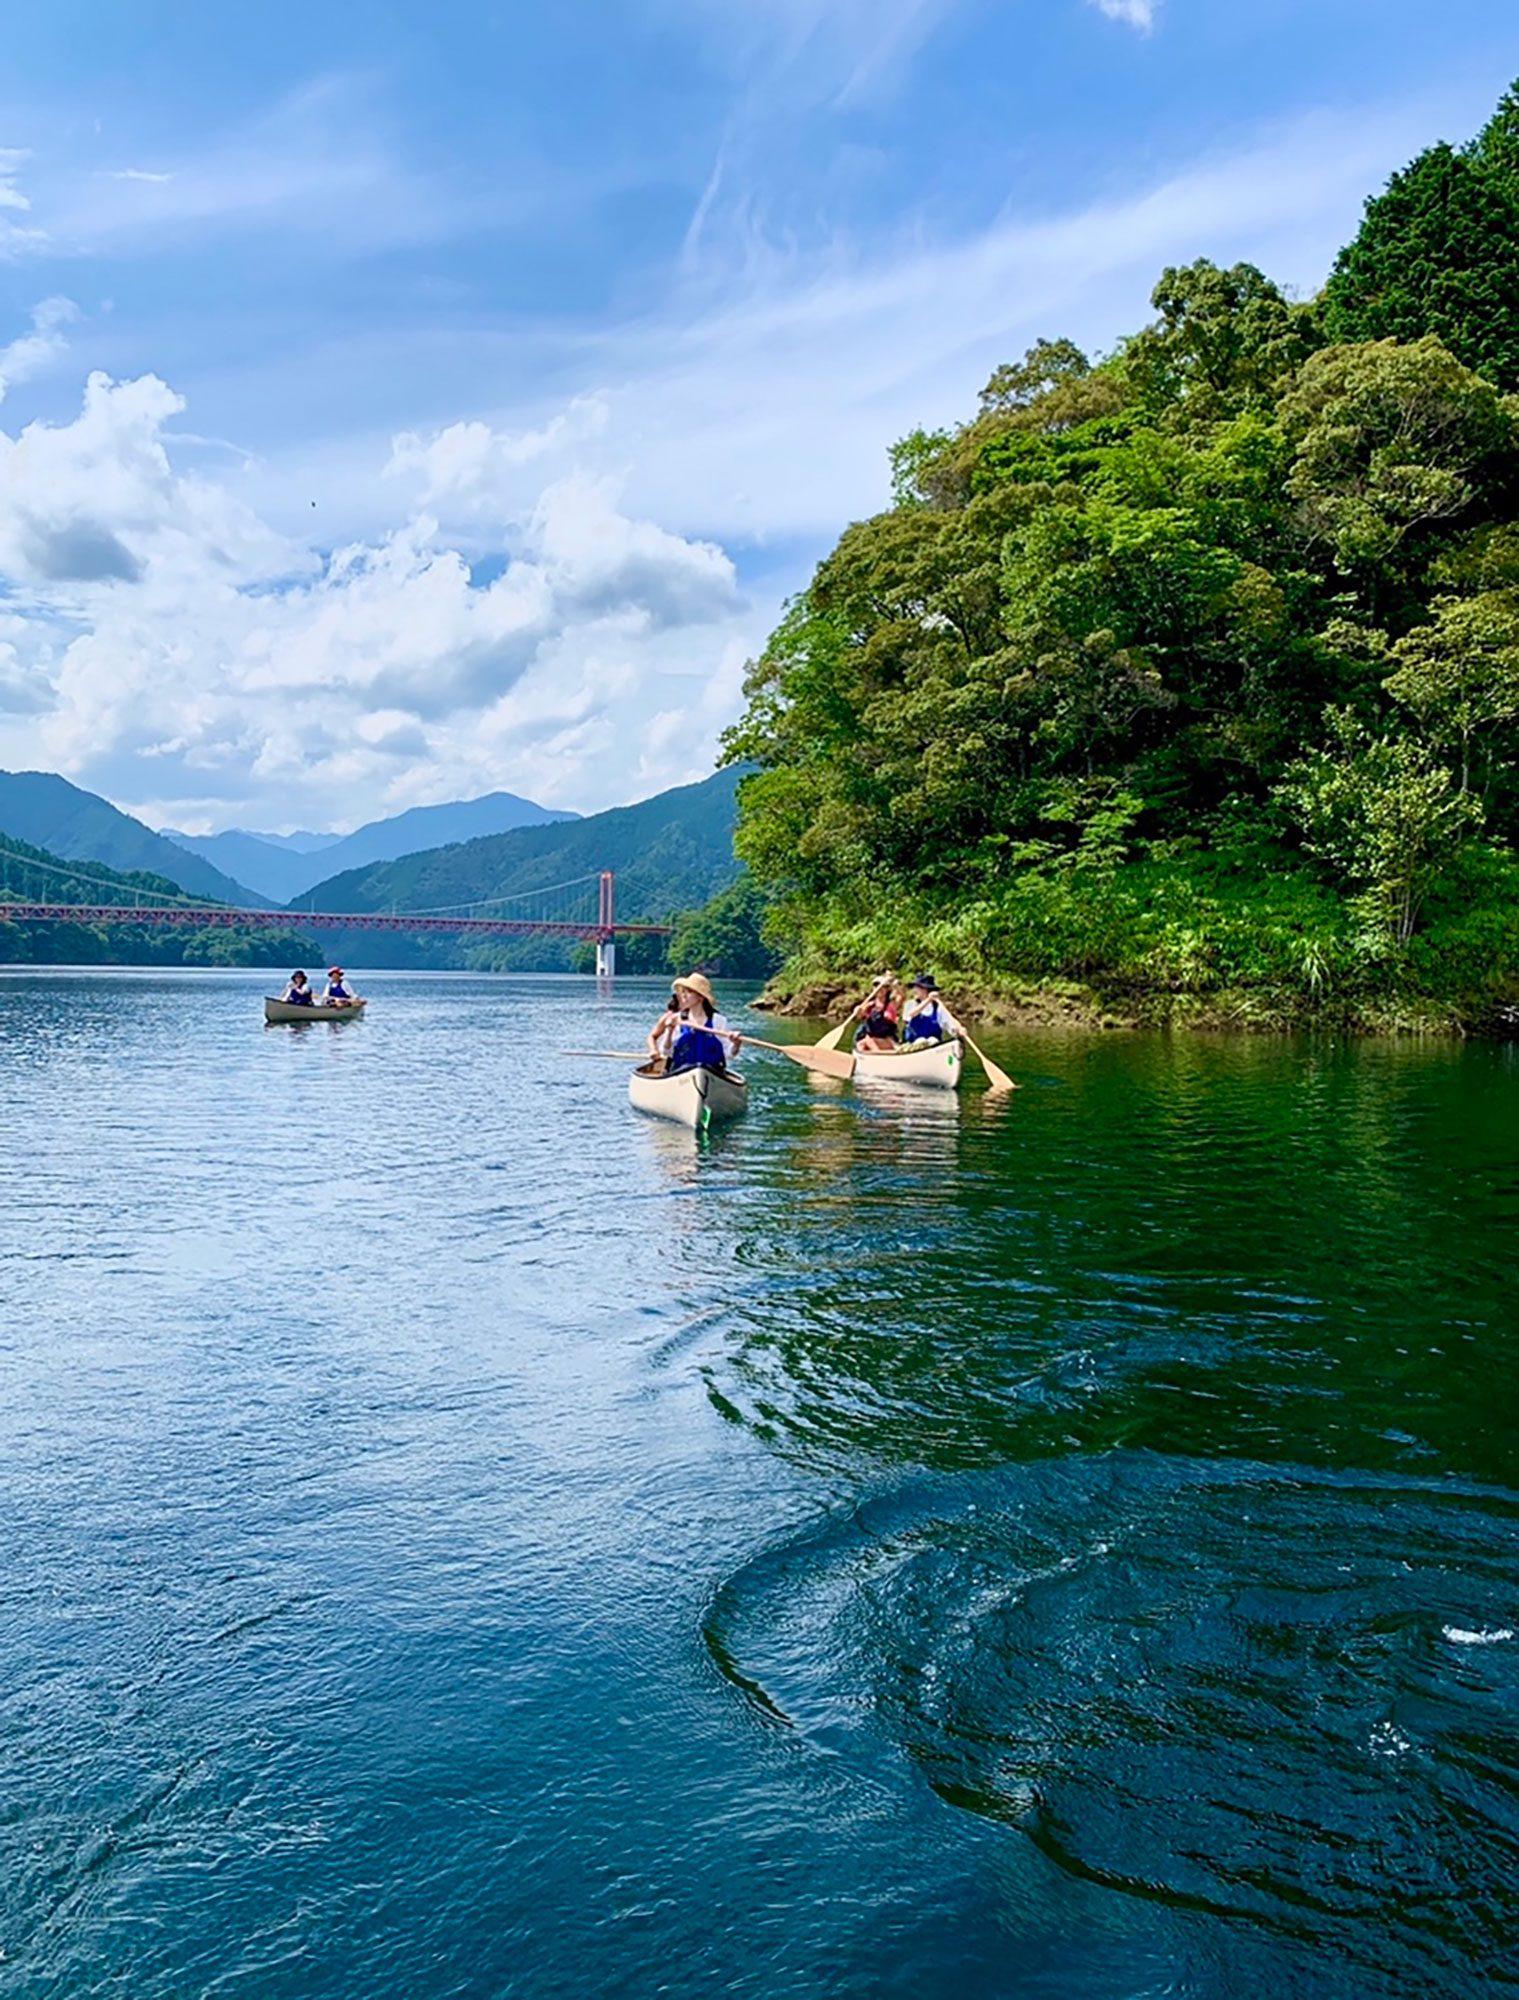 山に囲まれた環境に鳥の声が聞こえ、湖の澄んだ水がお迎えします